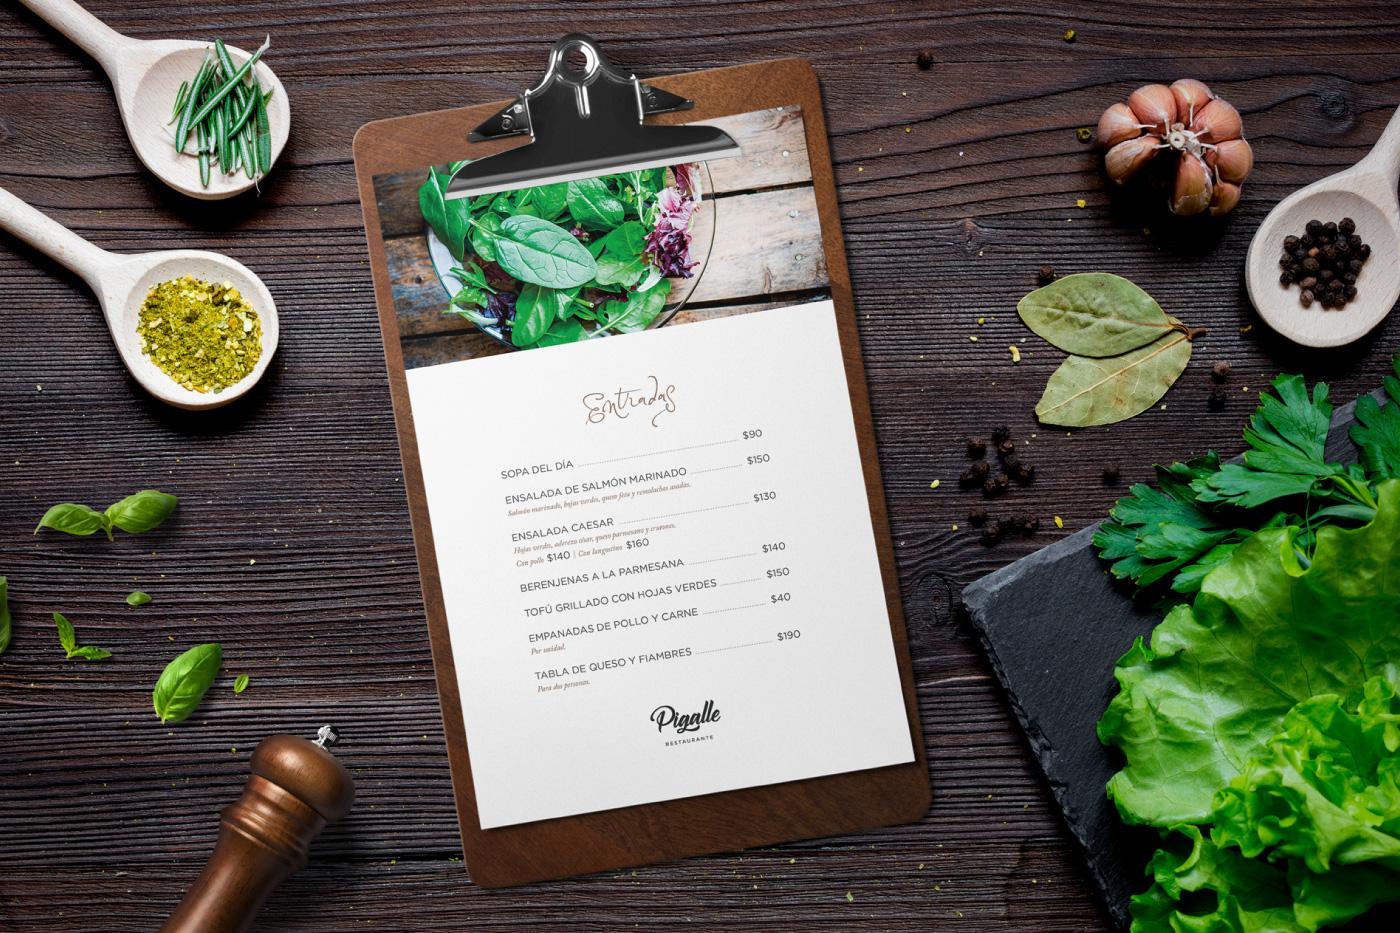 Pigalle Restaurante